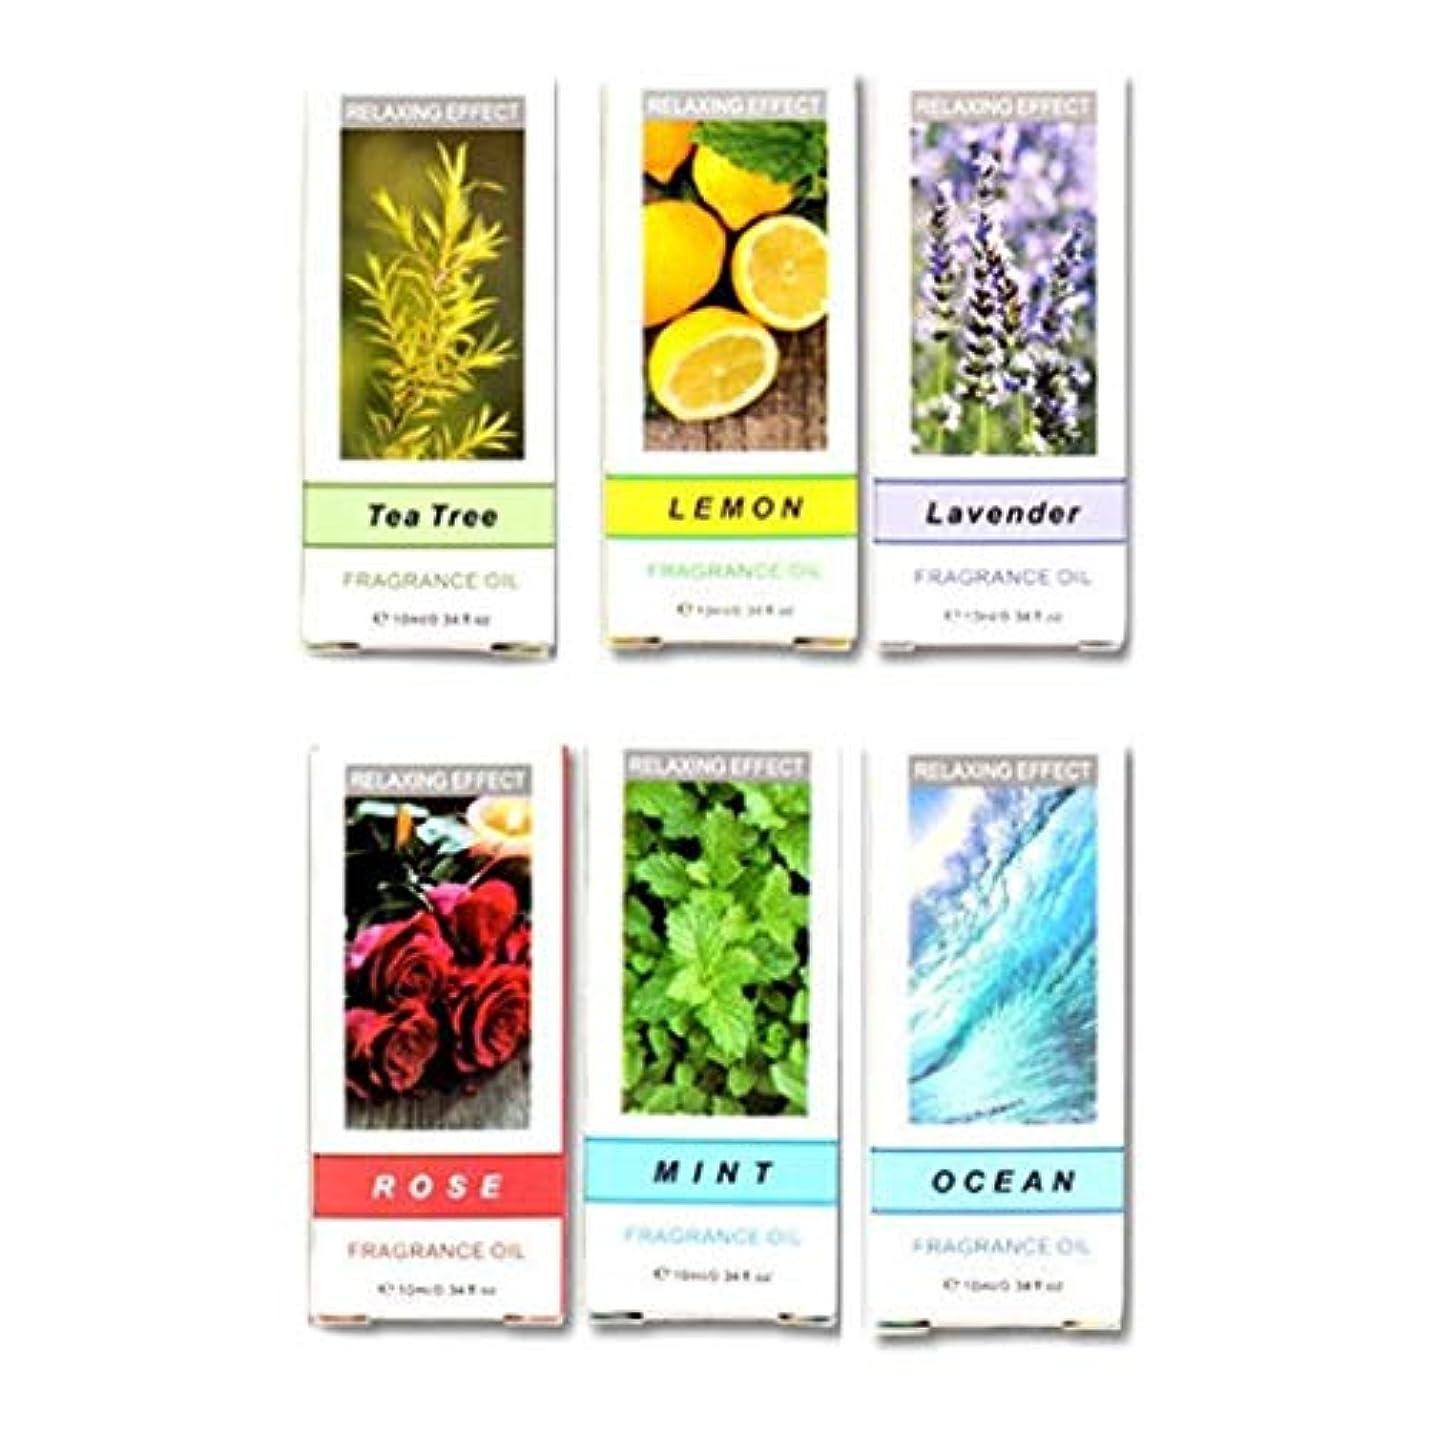 症候群意図的調和KOROWA アロマオイルセット 100%純正 エッセンシャルオイル 厳選精油 プレゼントに最適 加湿器用 みずみずしく 美しい香り 6個入り